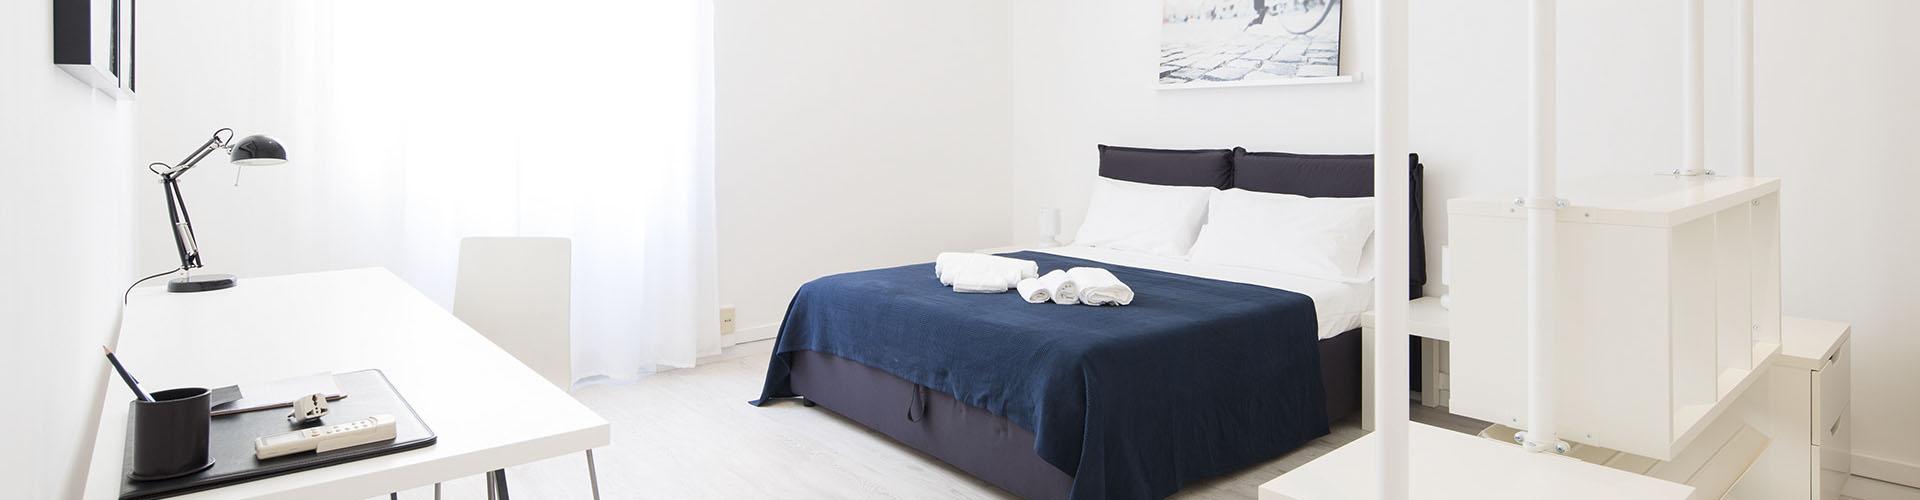 Home Inn Rome - Bedroom